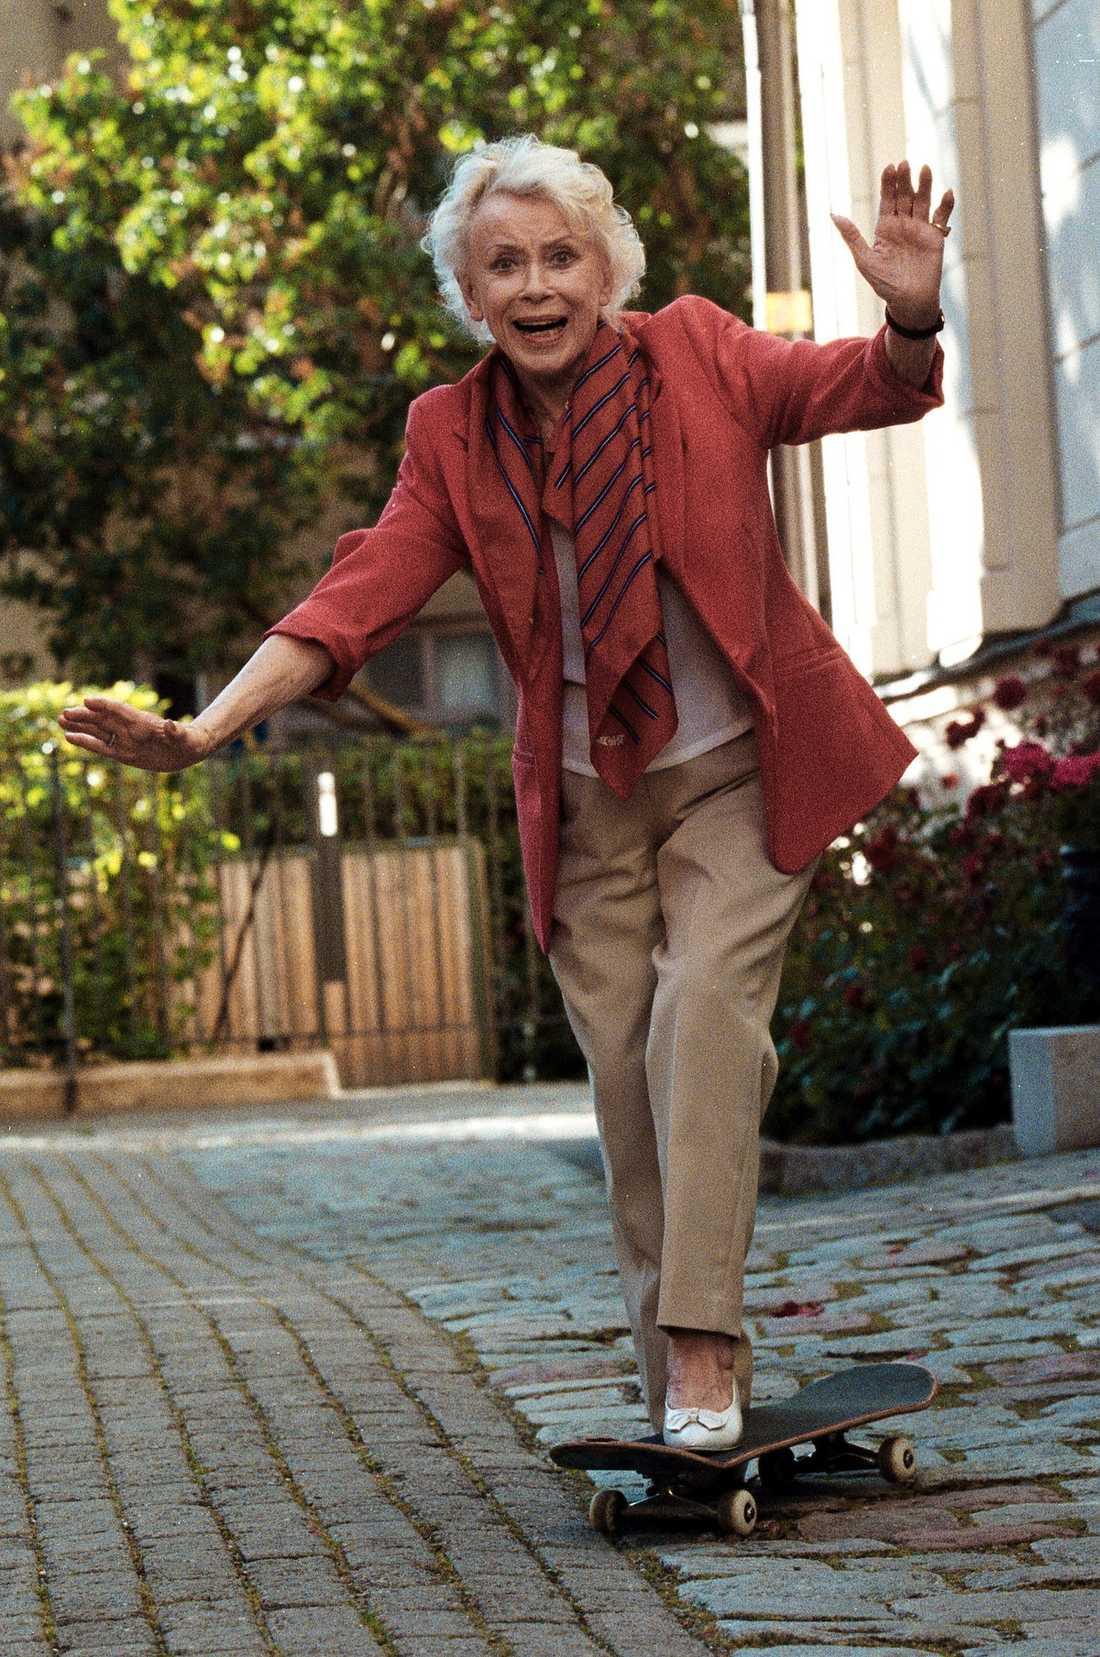 """SLOG INTE AV PÅ TAKTEN En 85-årig Annalisa Ericson prövar på en skateboard på Östermalm i Stockholm. Hon slog inte ner på tempot utan höll i gång så länge kroppen orkade. """"Jag har blivit lite av ett premiärlejon på gamla dar"""", sa hon till Aftonbladet i samband med 90-årsdagen."""